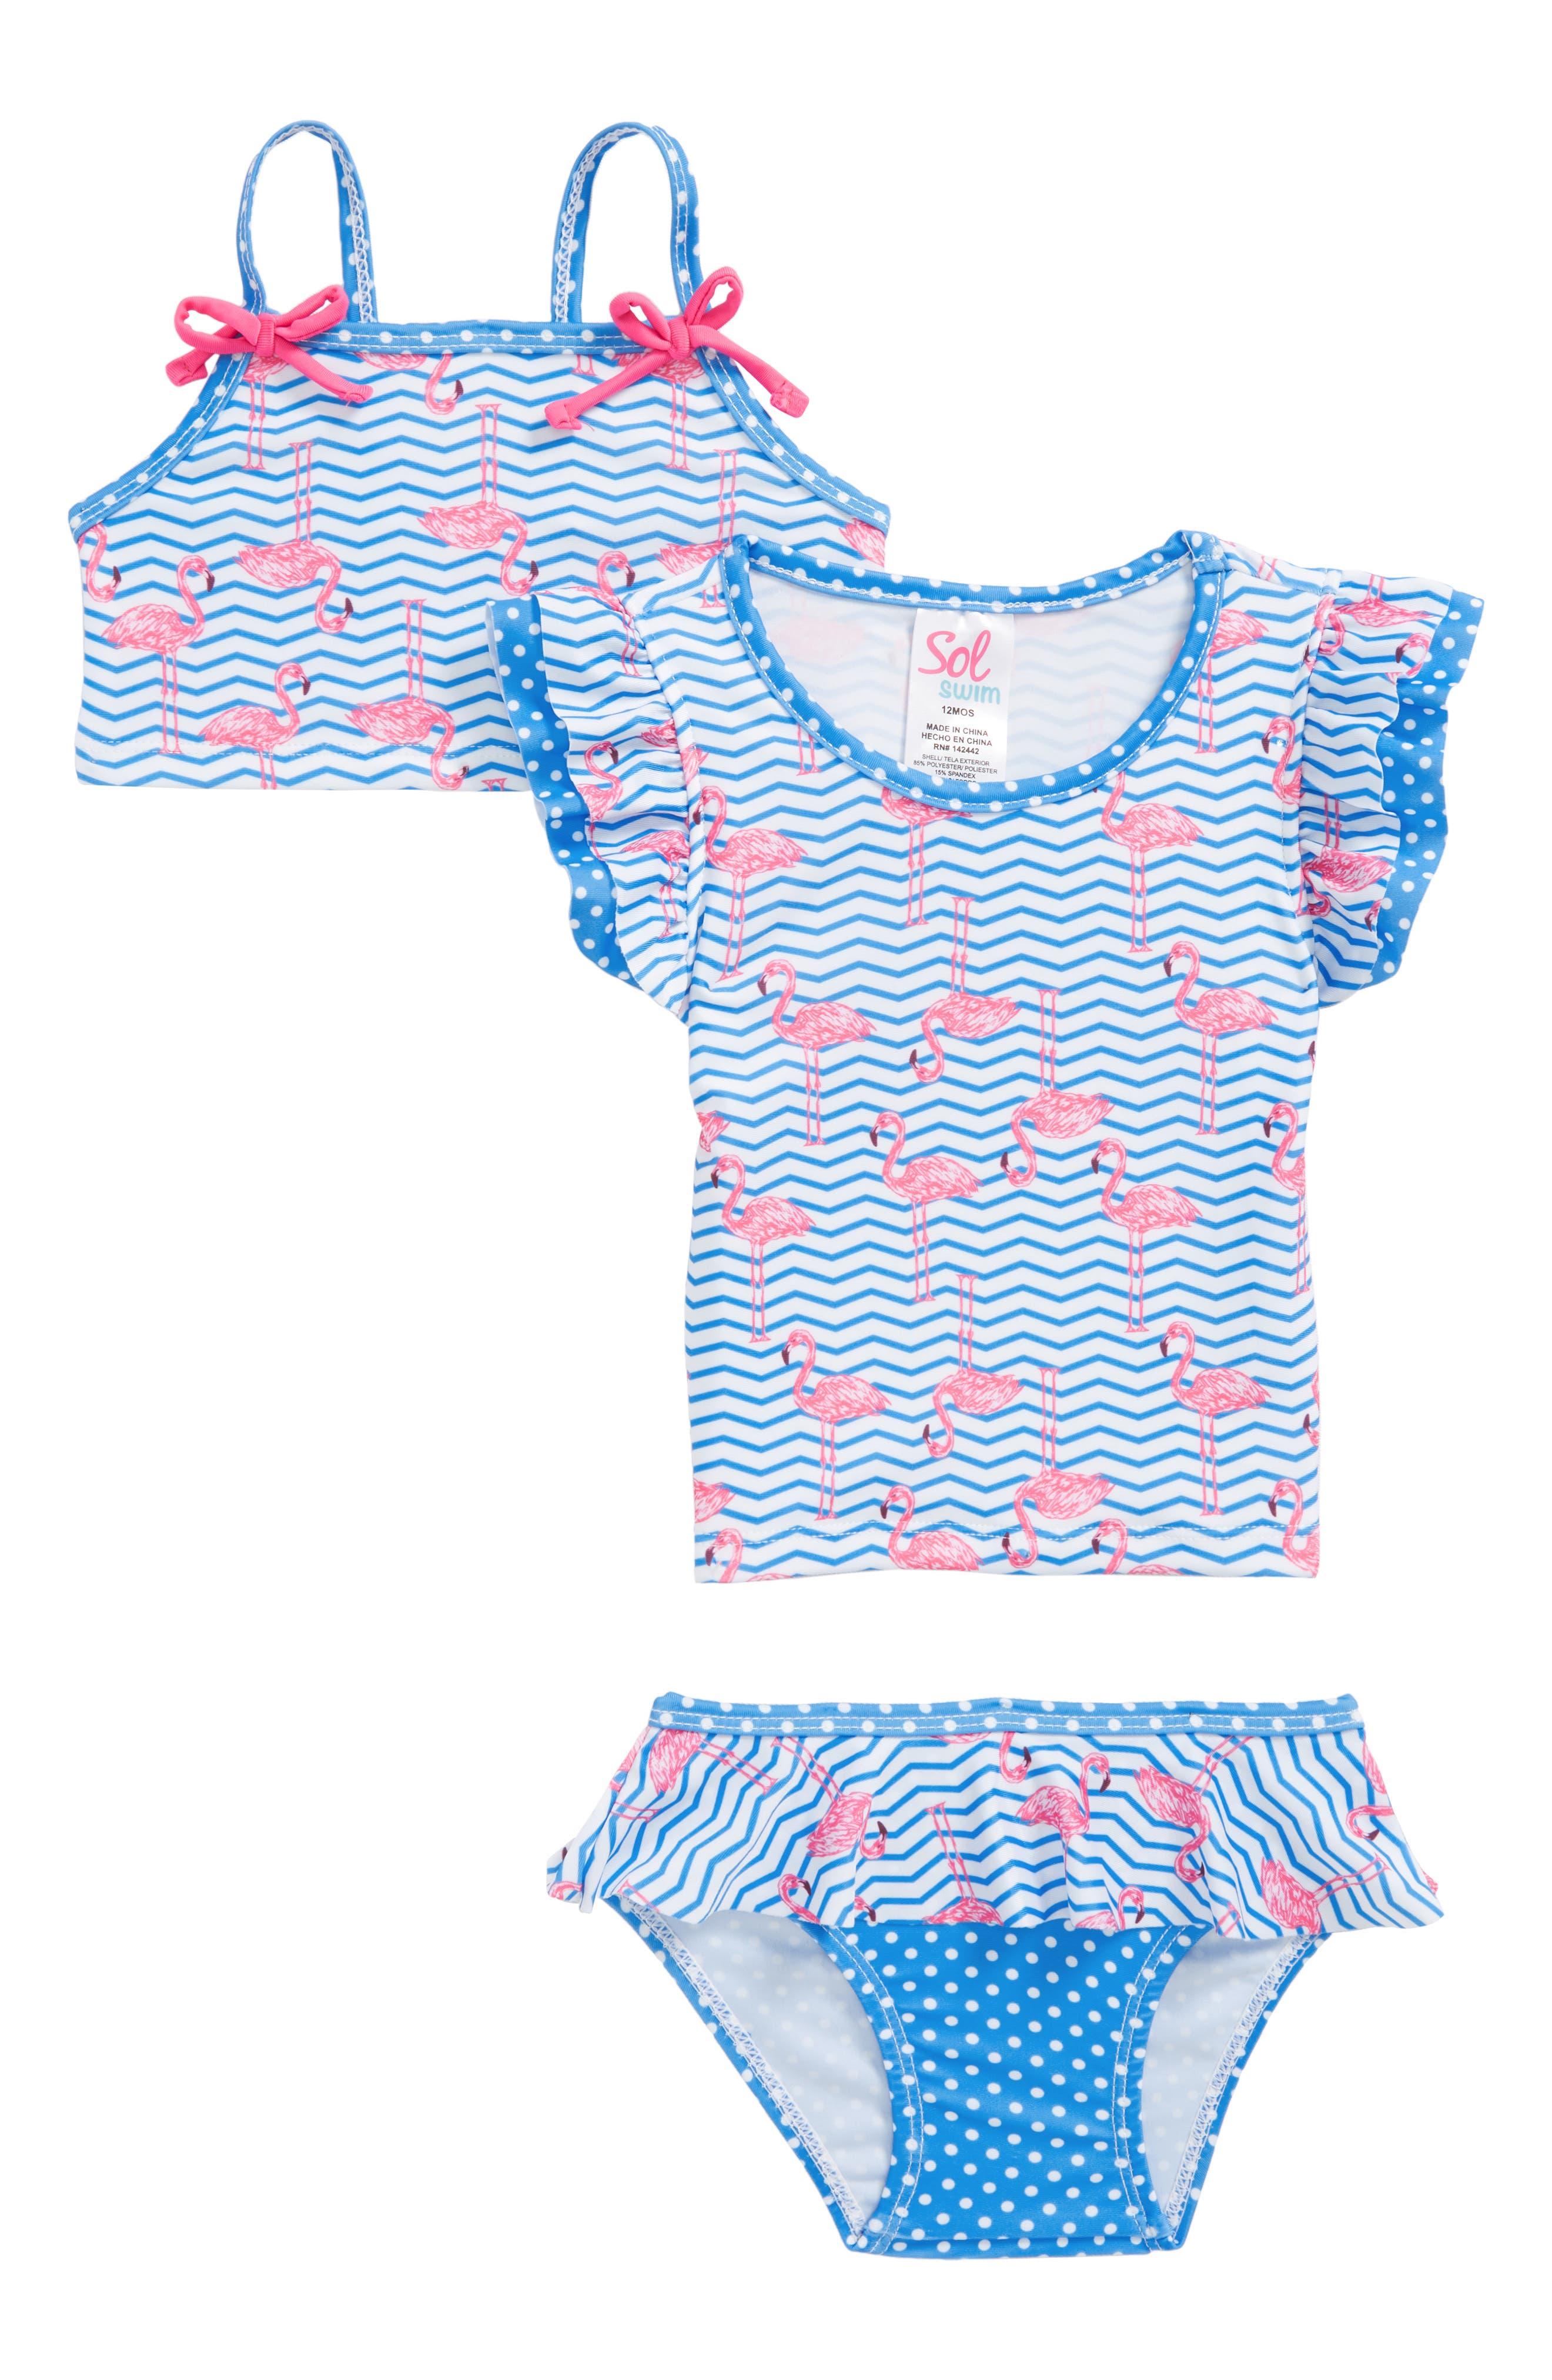 Sol Swim Zig Zag Flamingos 2-Piece Swimsuit with Rashguard (Baby Girls)